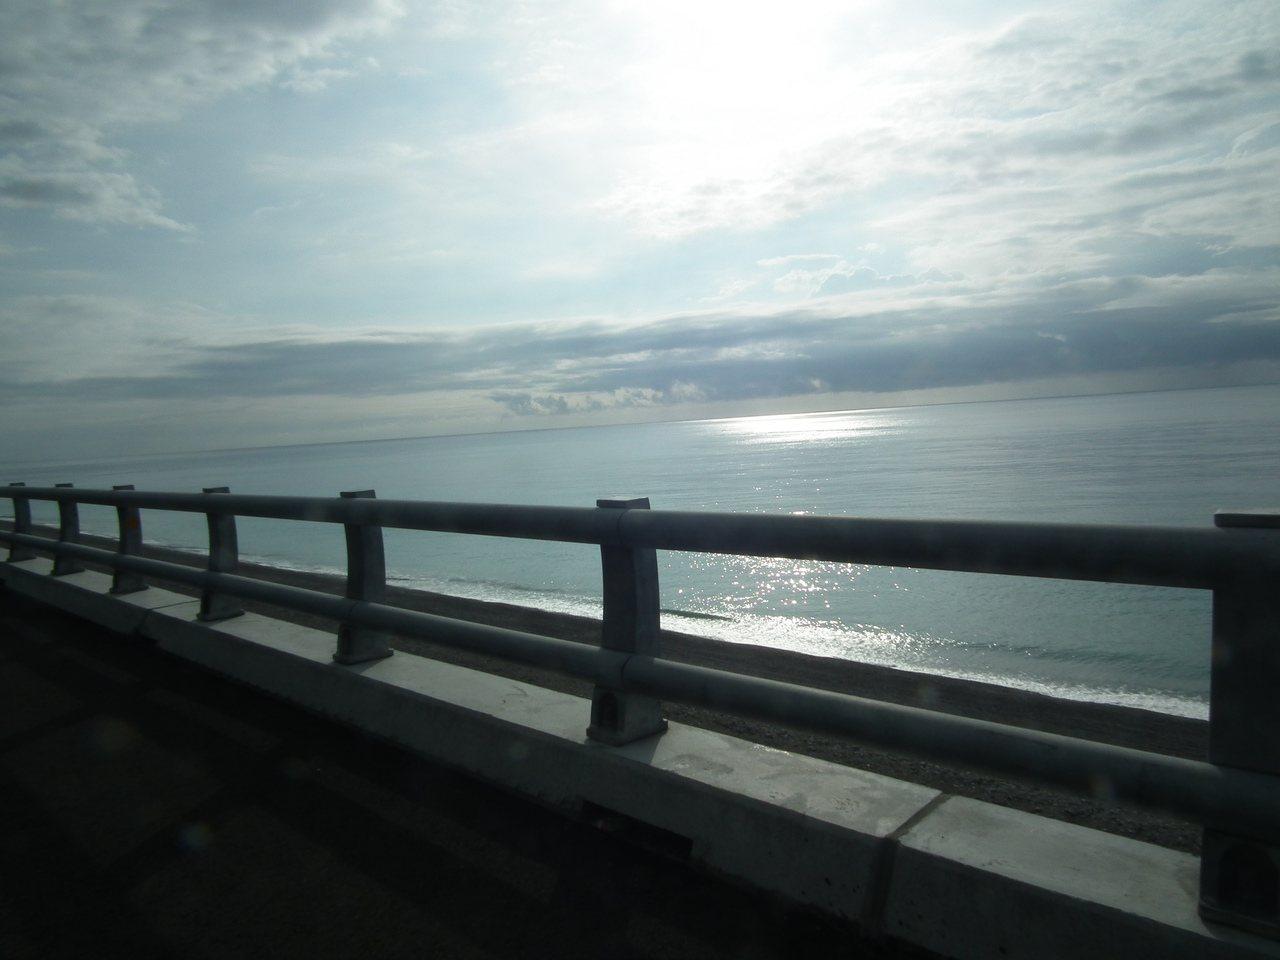 車子開在高架橋上,有時會讓人產生開在海面上的錯覺。記者尤聰光/攝影